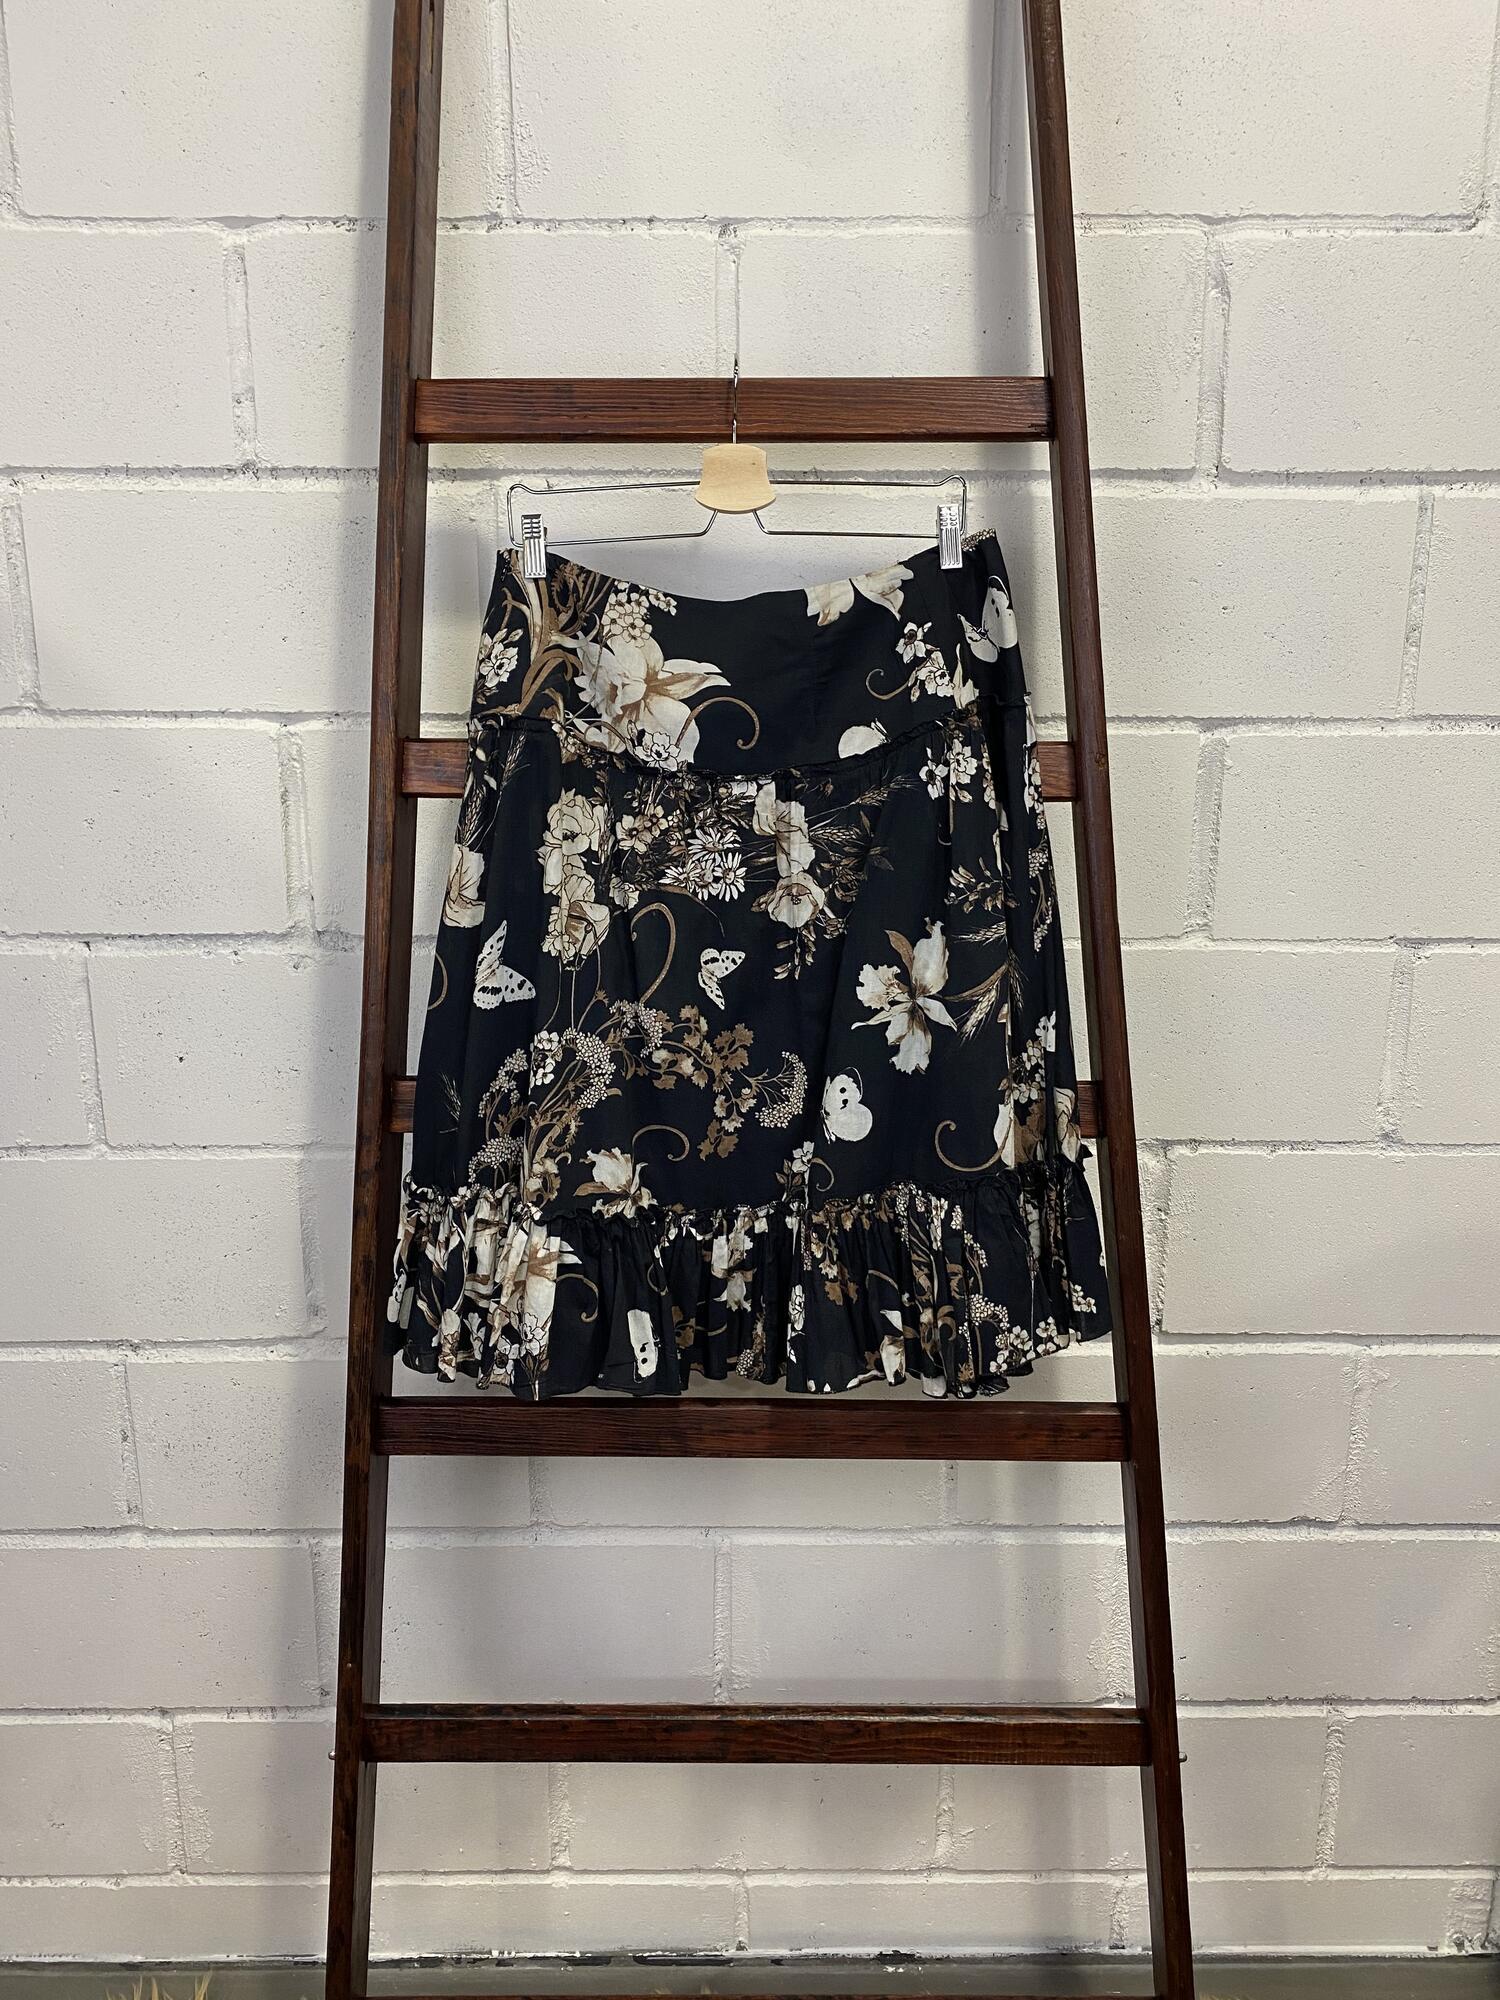 Czarna spódnica ZARA BASIC w jasne kwiaty - Vintage Store | JestemSlow.pl